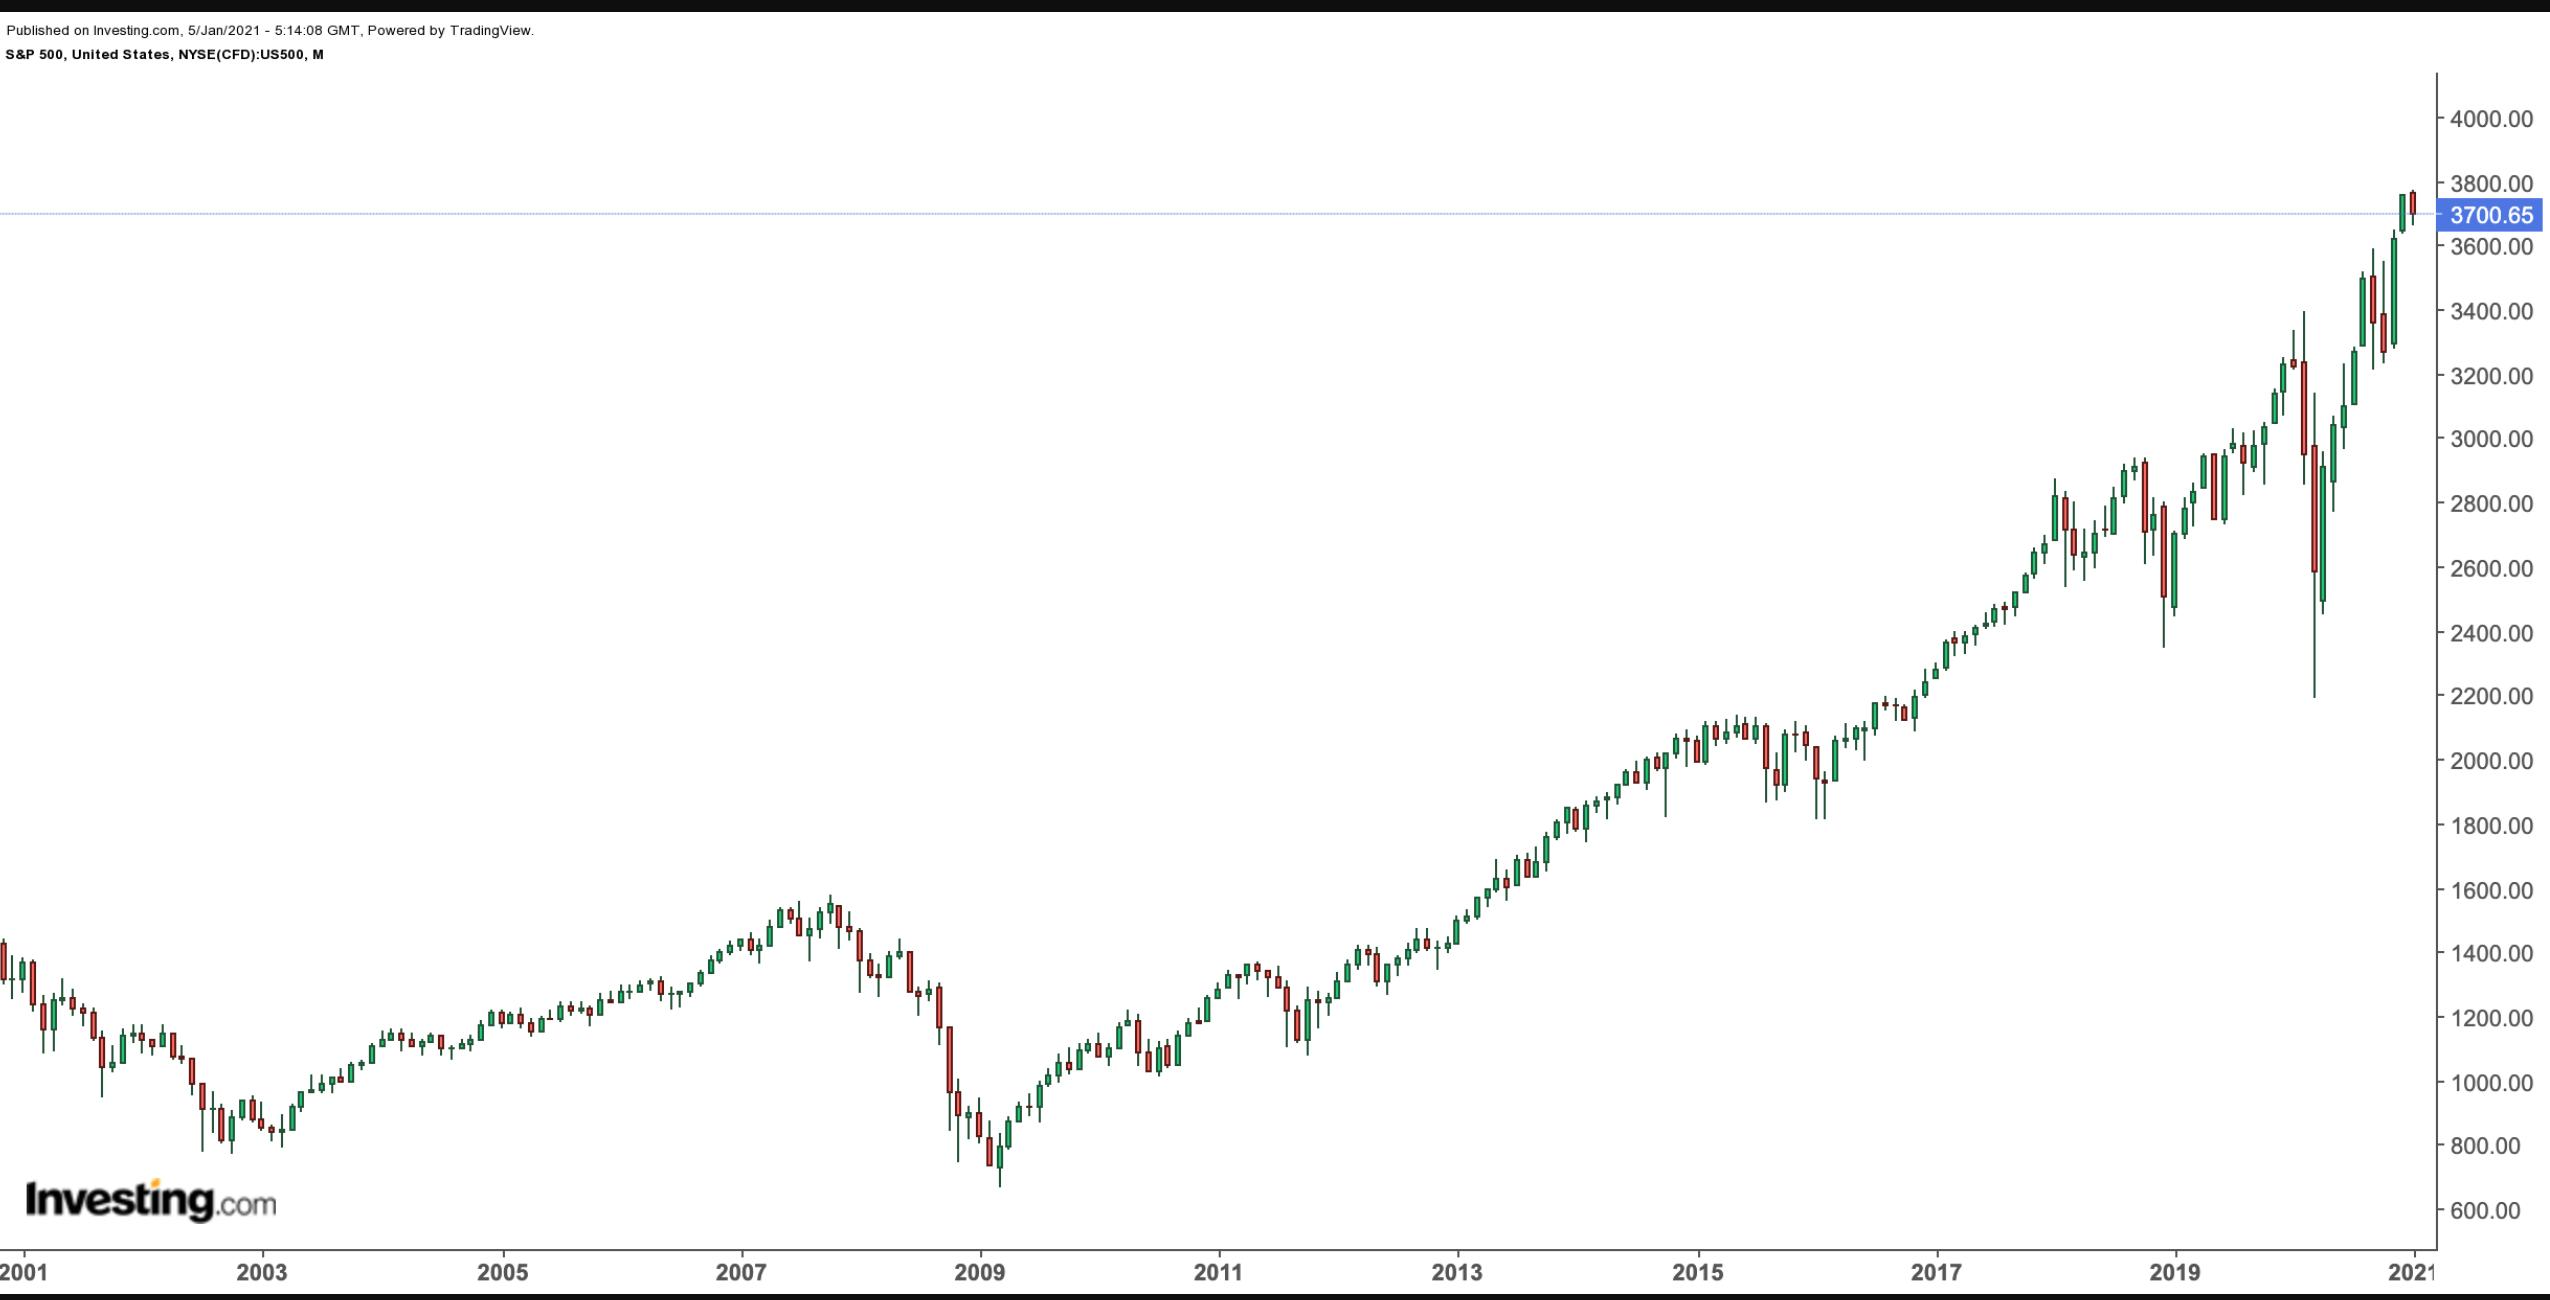 S&P 500 Monthly